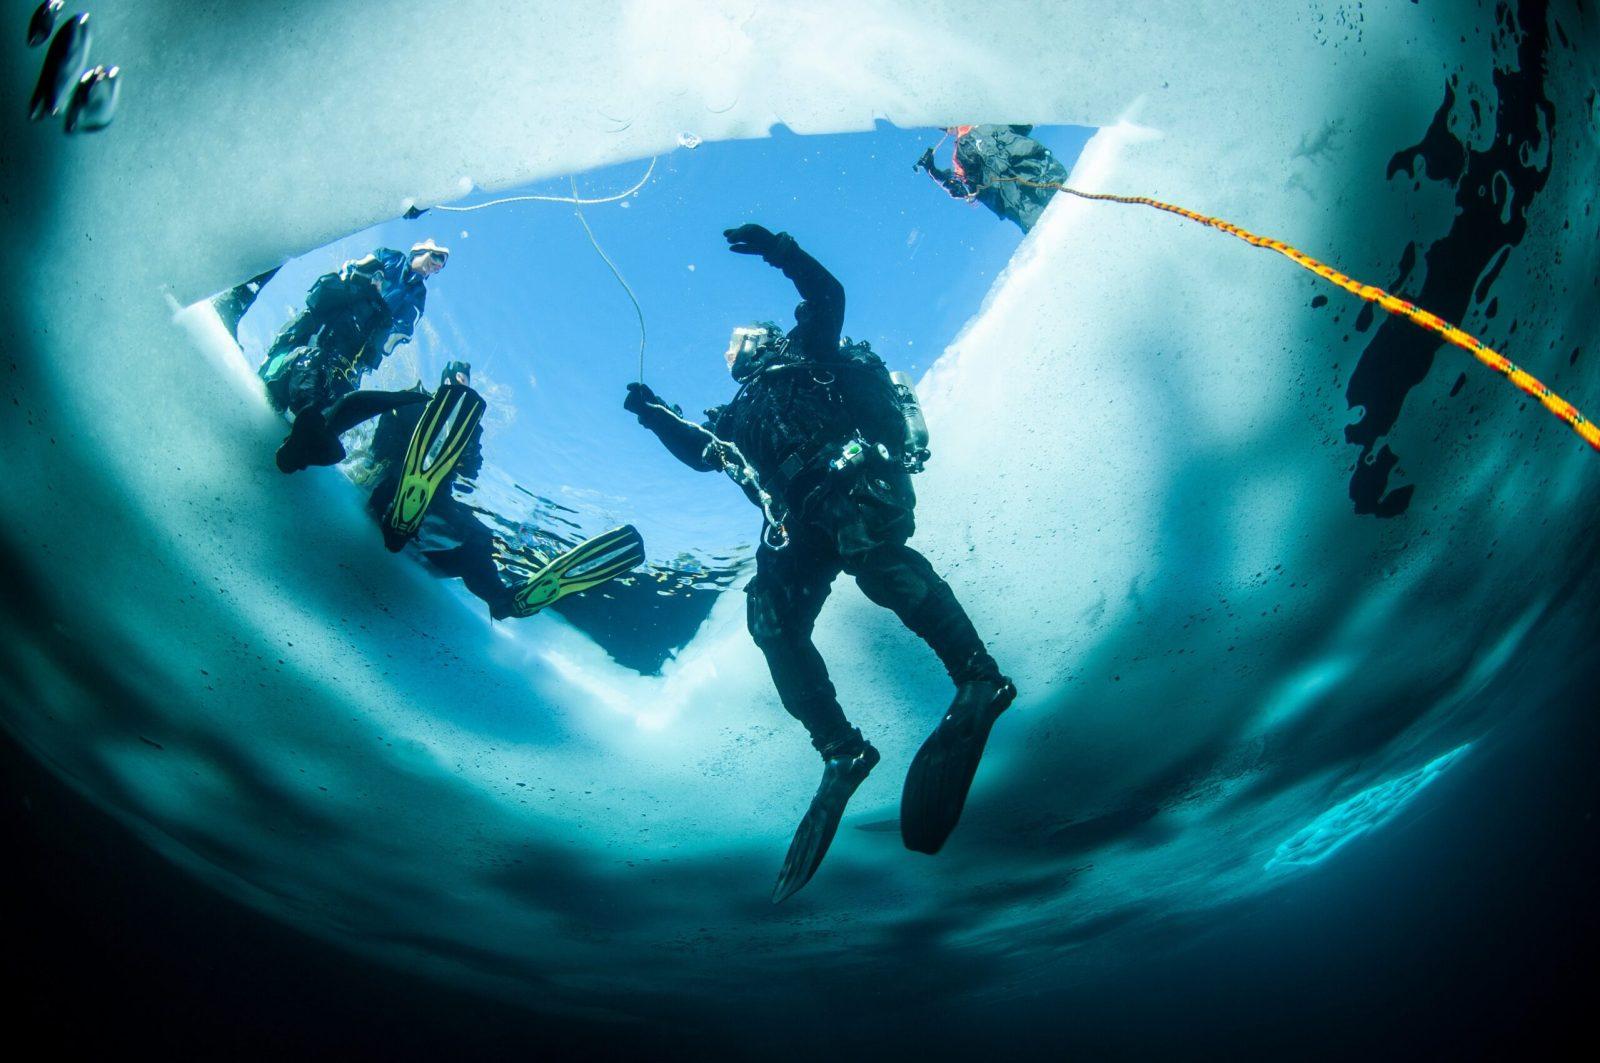 Plongée sous un lac de glace, speed riding, snowkite… Découvrez les meilleurs spots pour des vacances sensationnelles à tout point de vue !